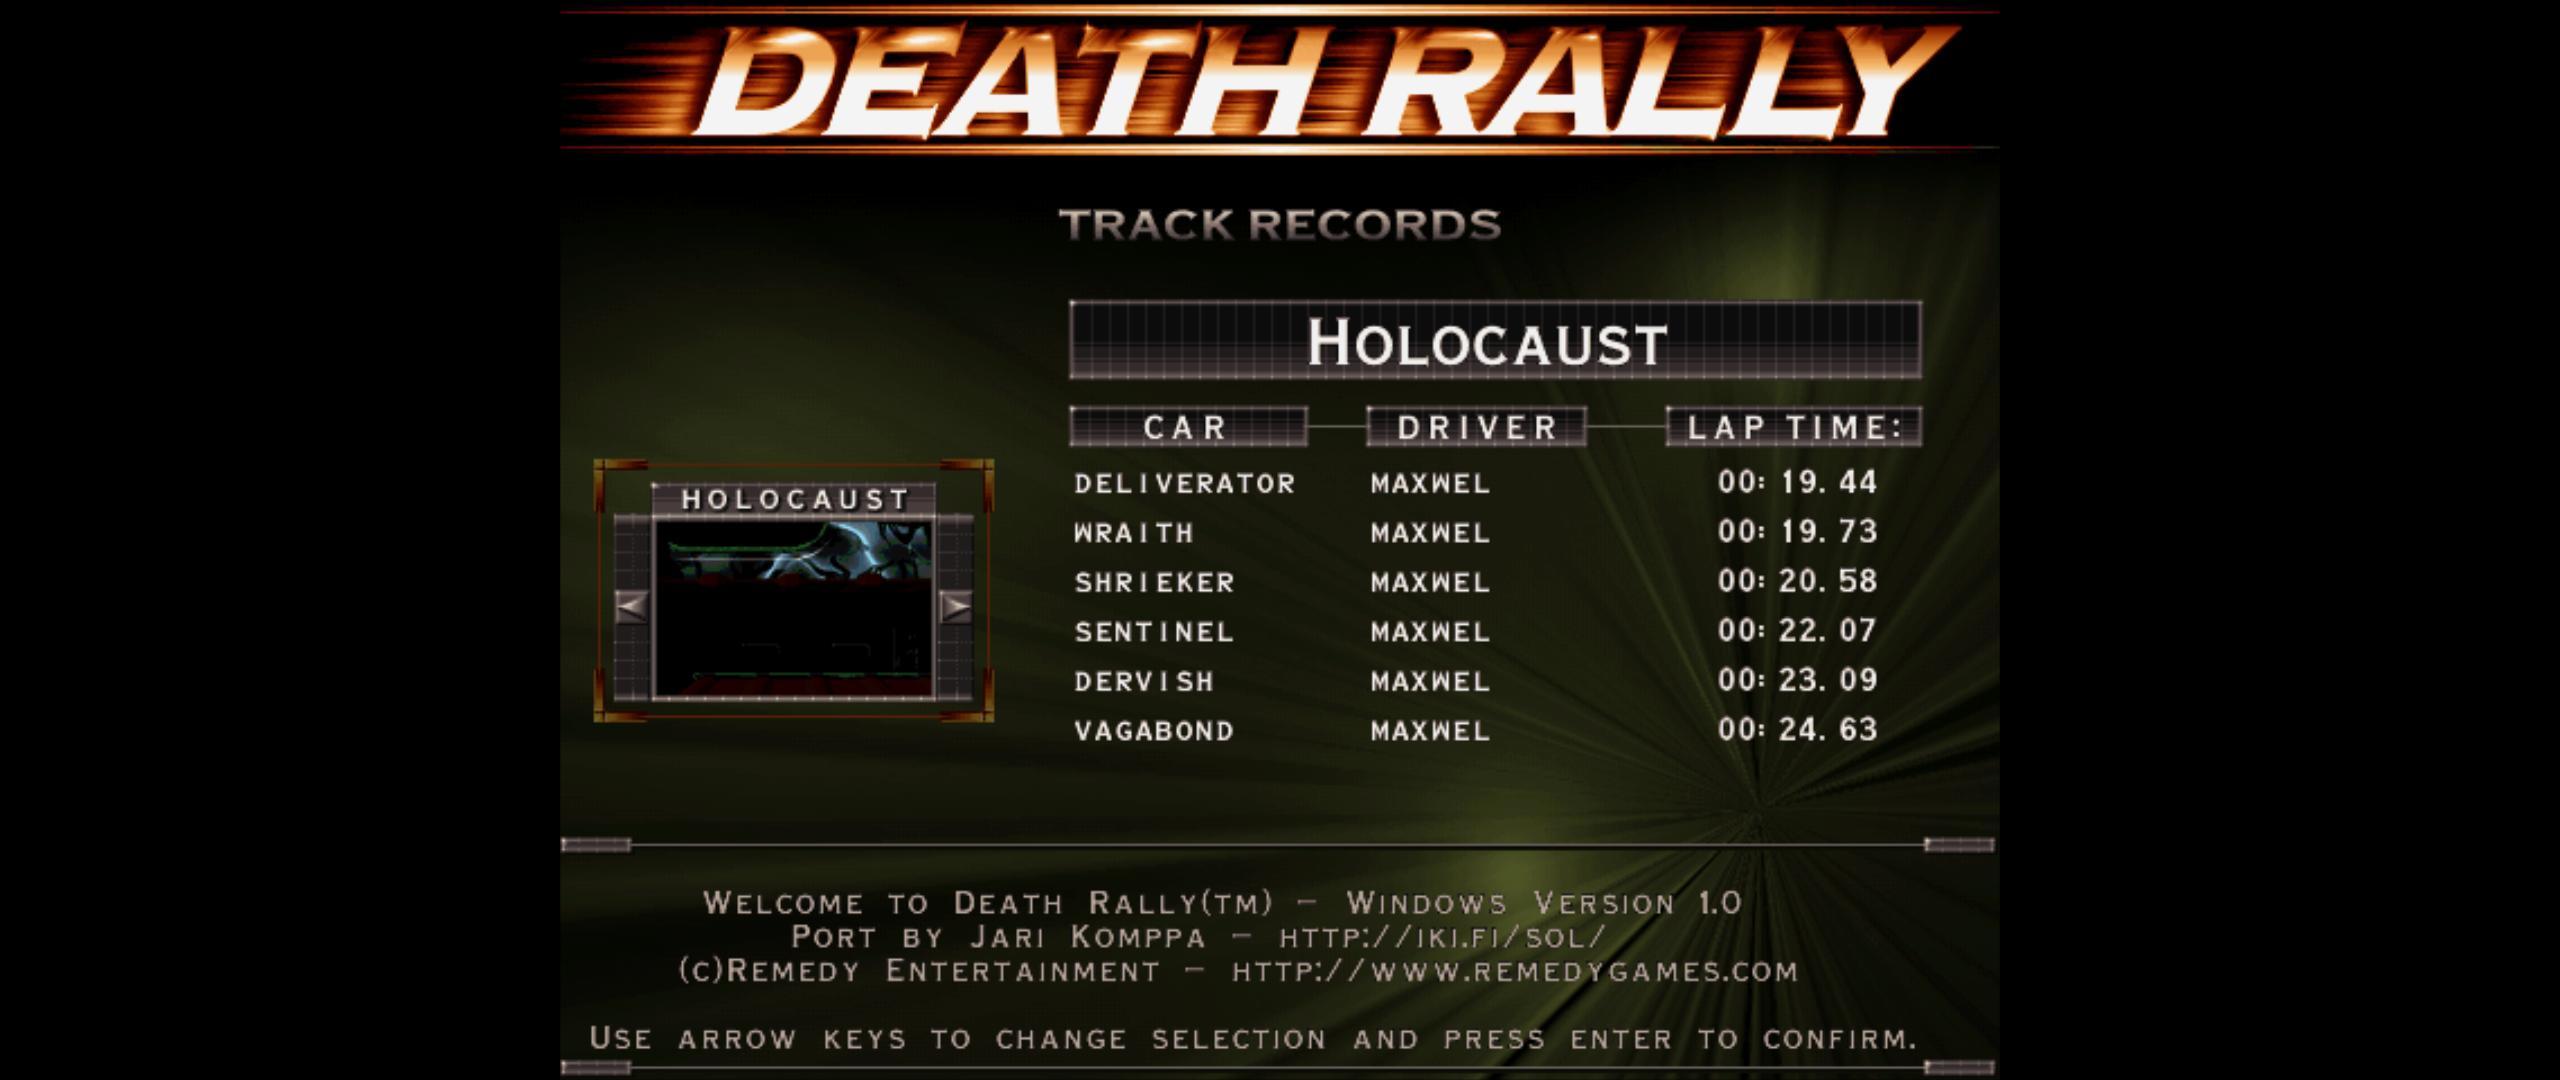 Maxwel: Death Rally [Holocaust, Shrieker Car] (PC) 0:00:20.58 points on 2016-03-02 04:19:14